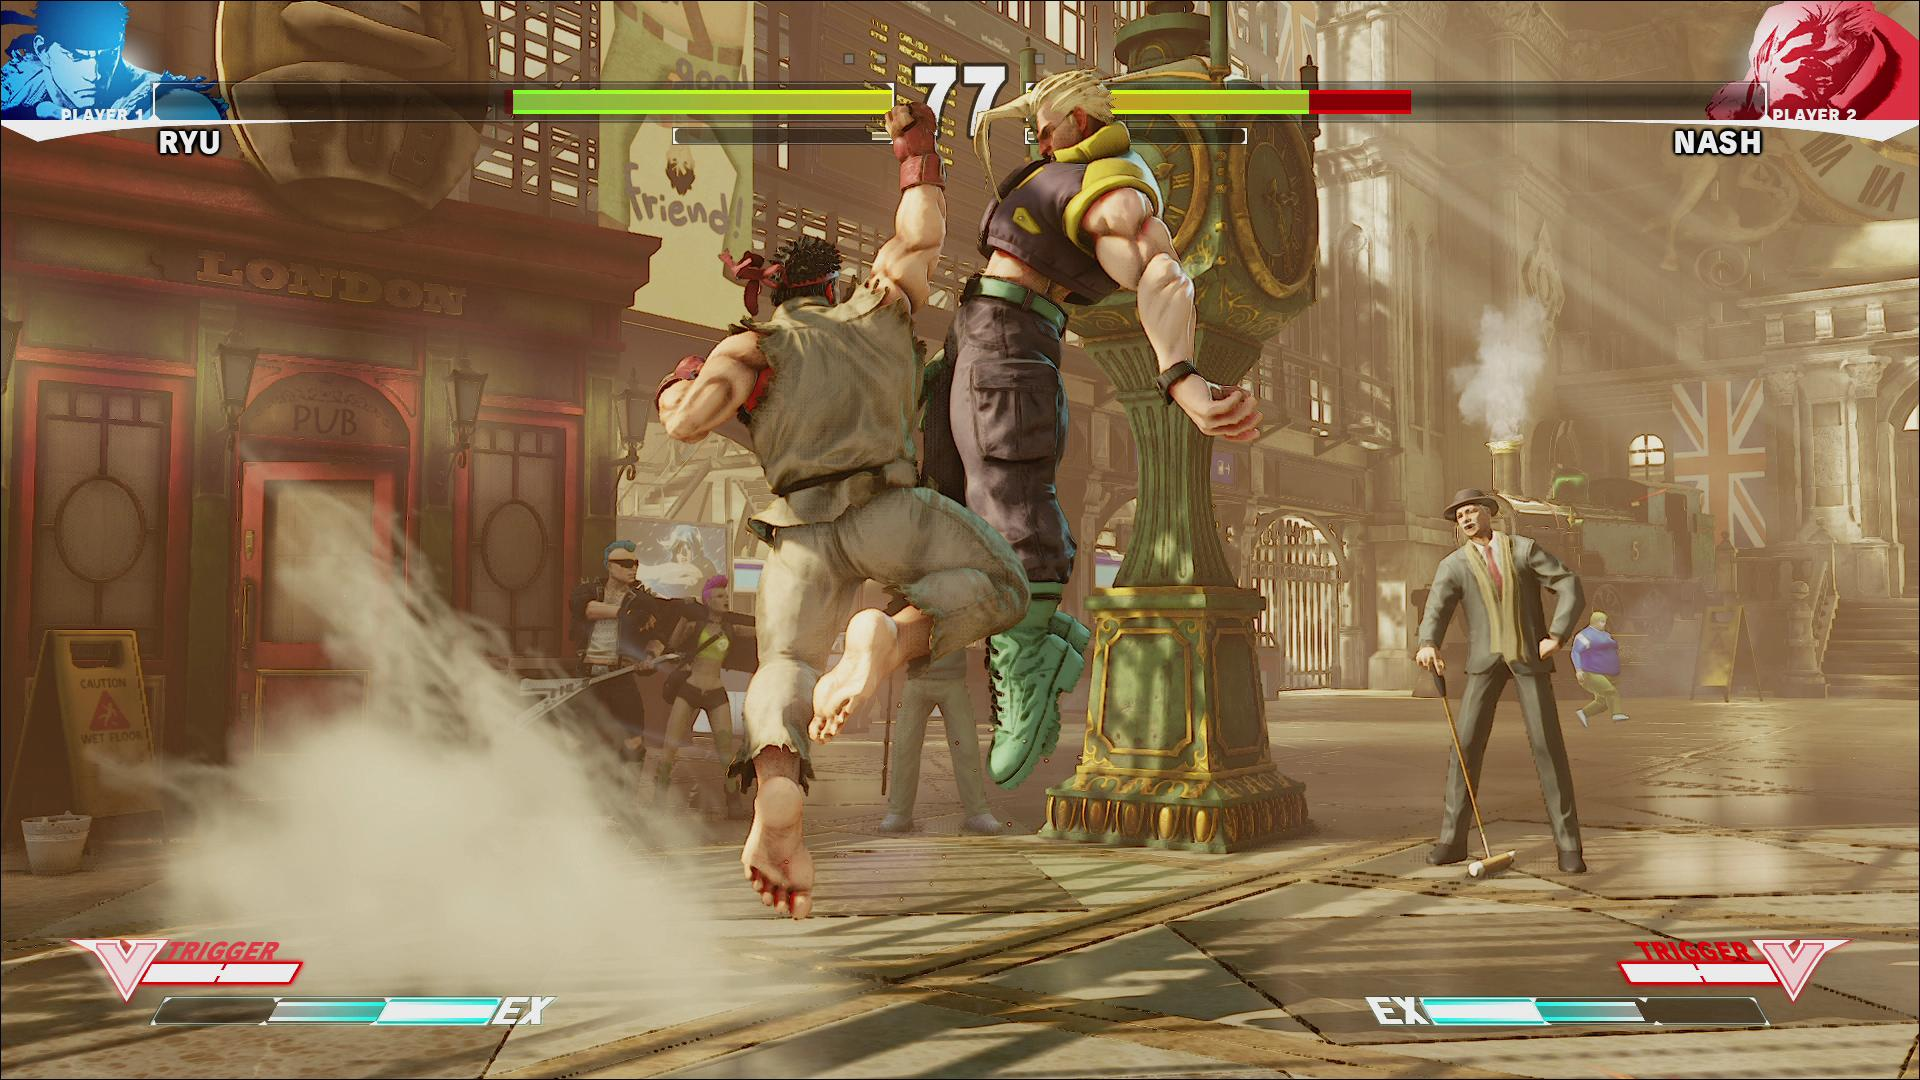 Street Fighter V image 6